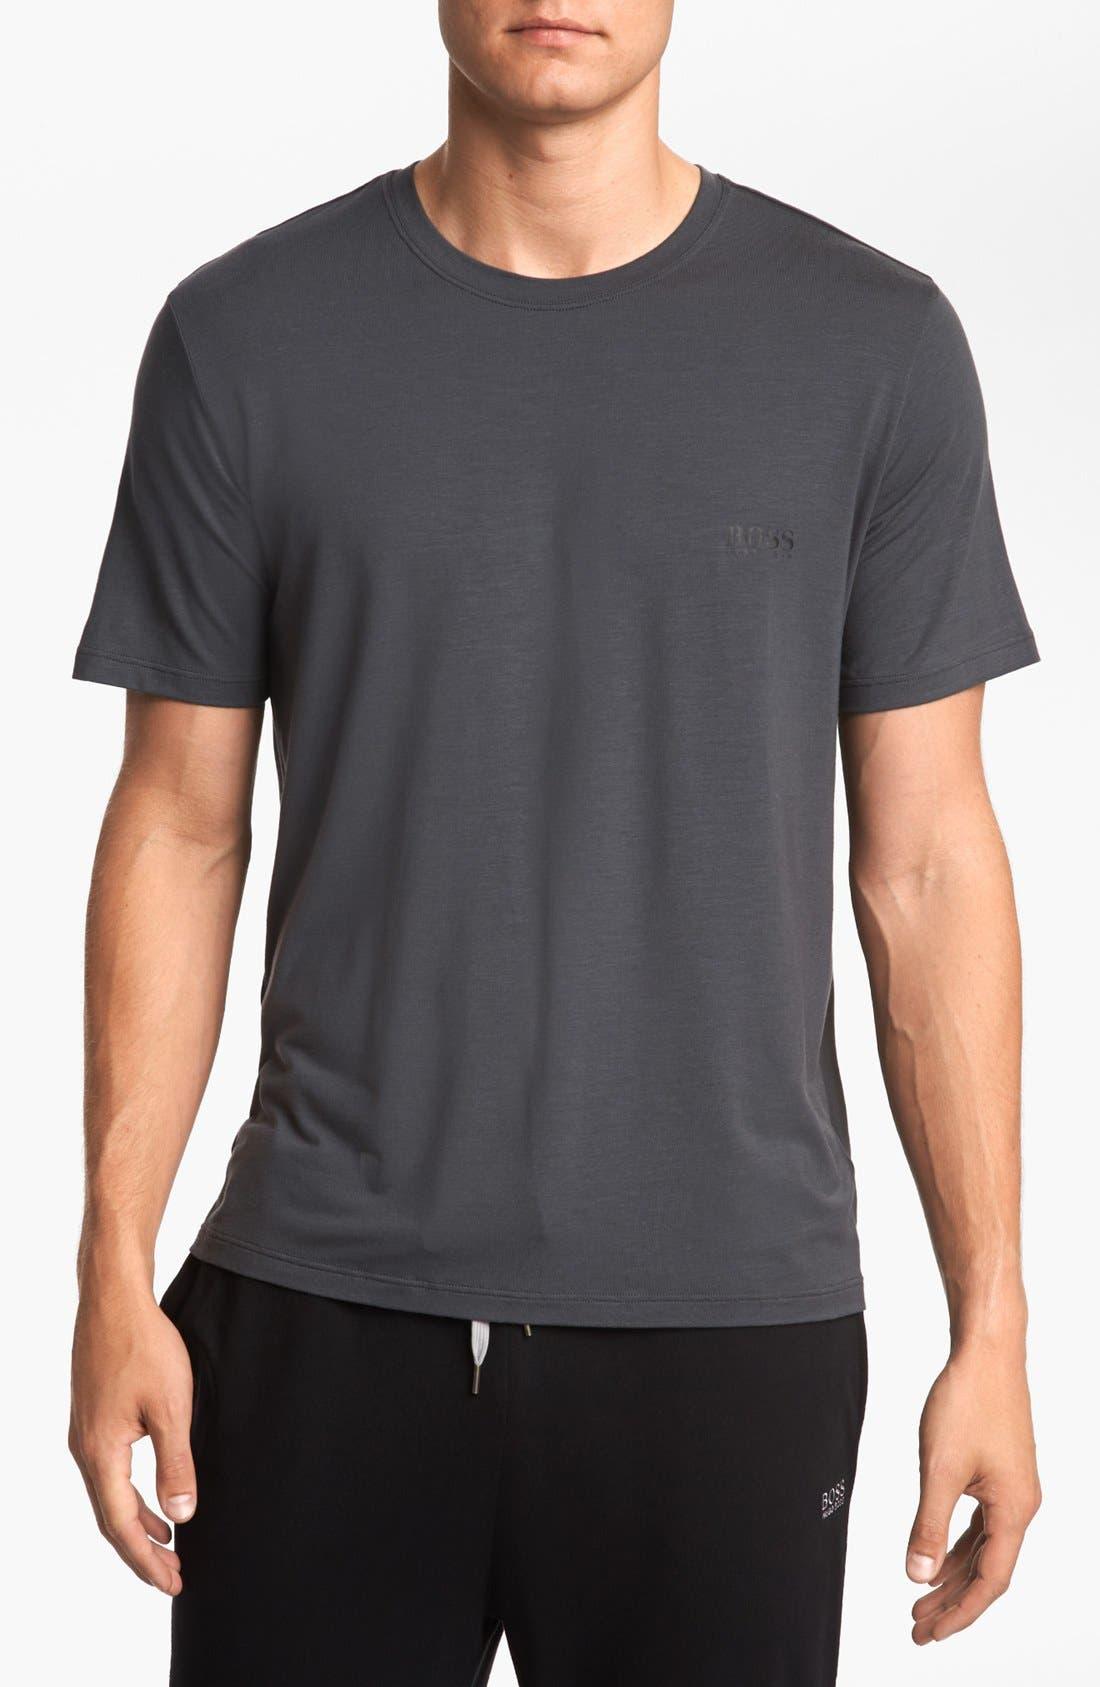 Main Image - BOSS HUGO BOSS 'Innovation 2' Short Sleeve T-Shirt